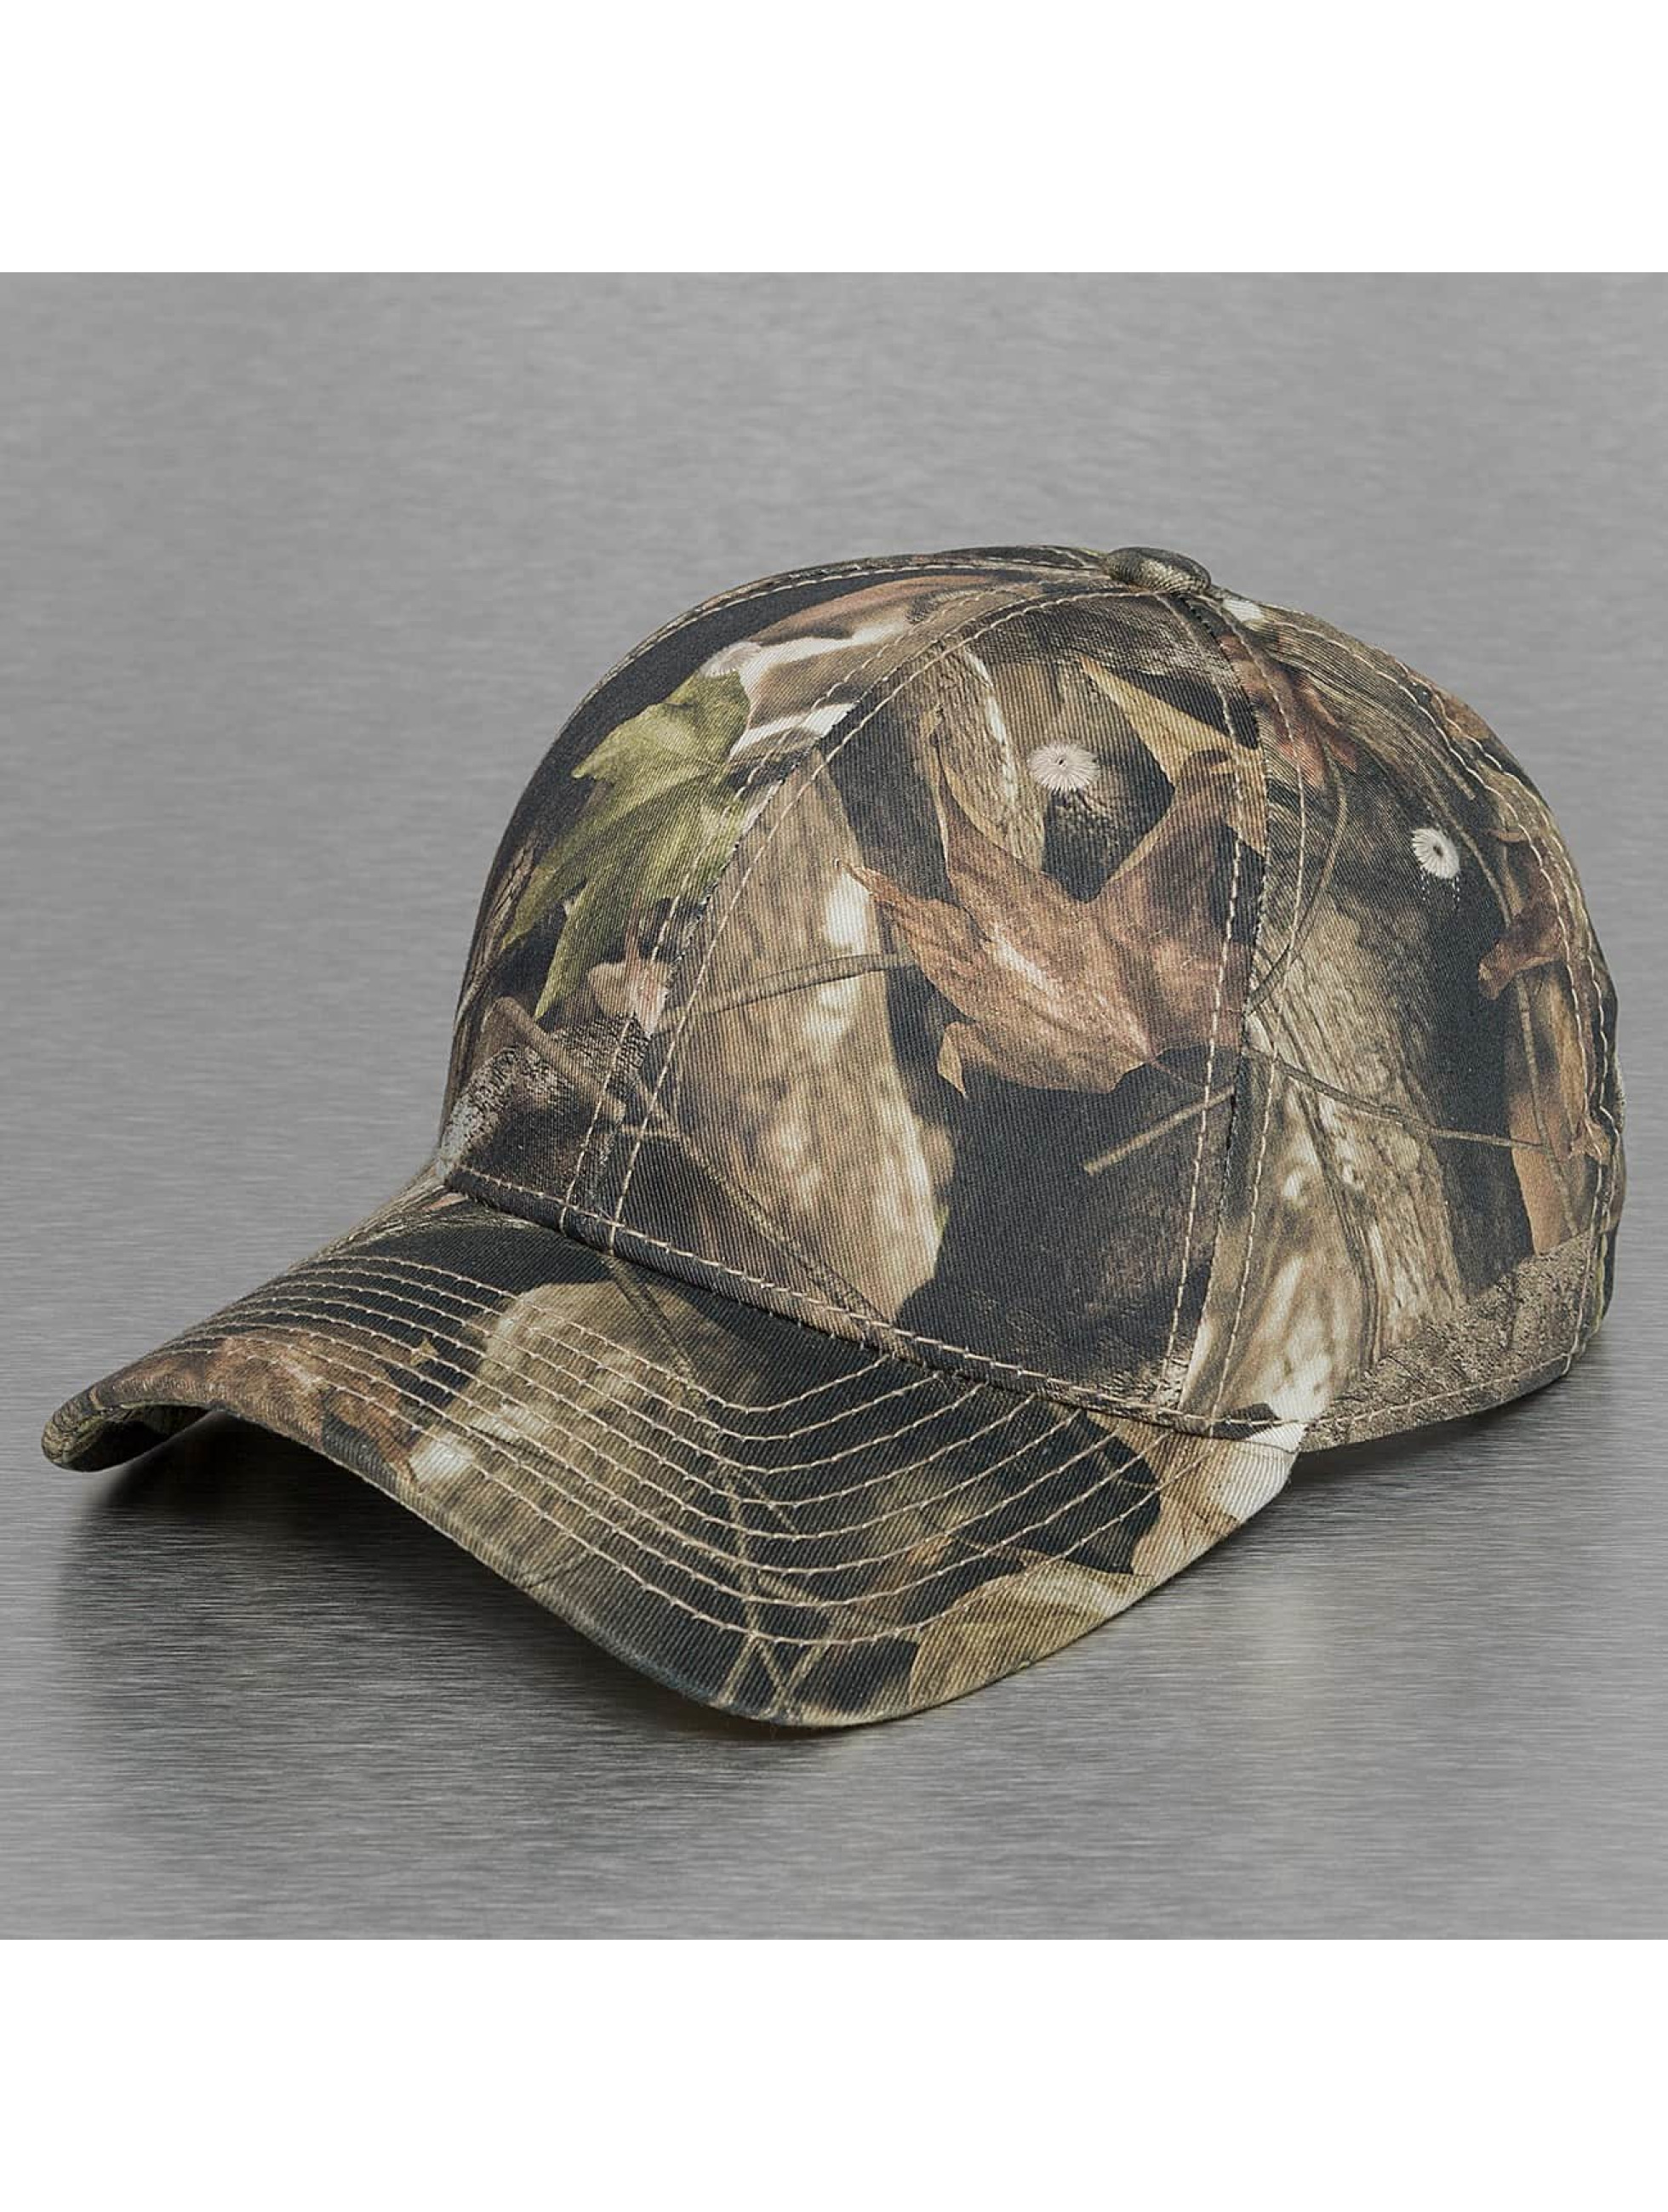 Decky USA Männer,Frauen Snapback Cap Low Crow Structured Hybricam in camouflage